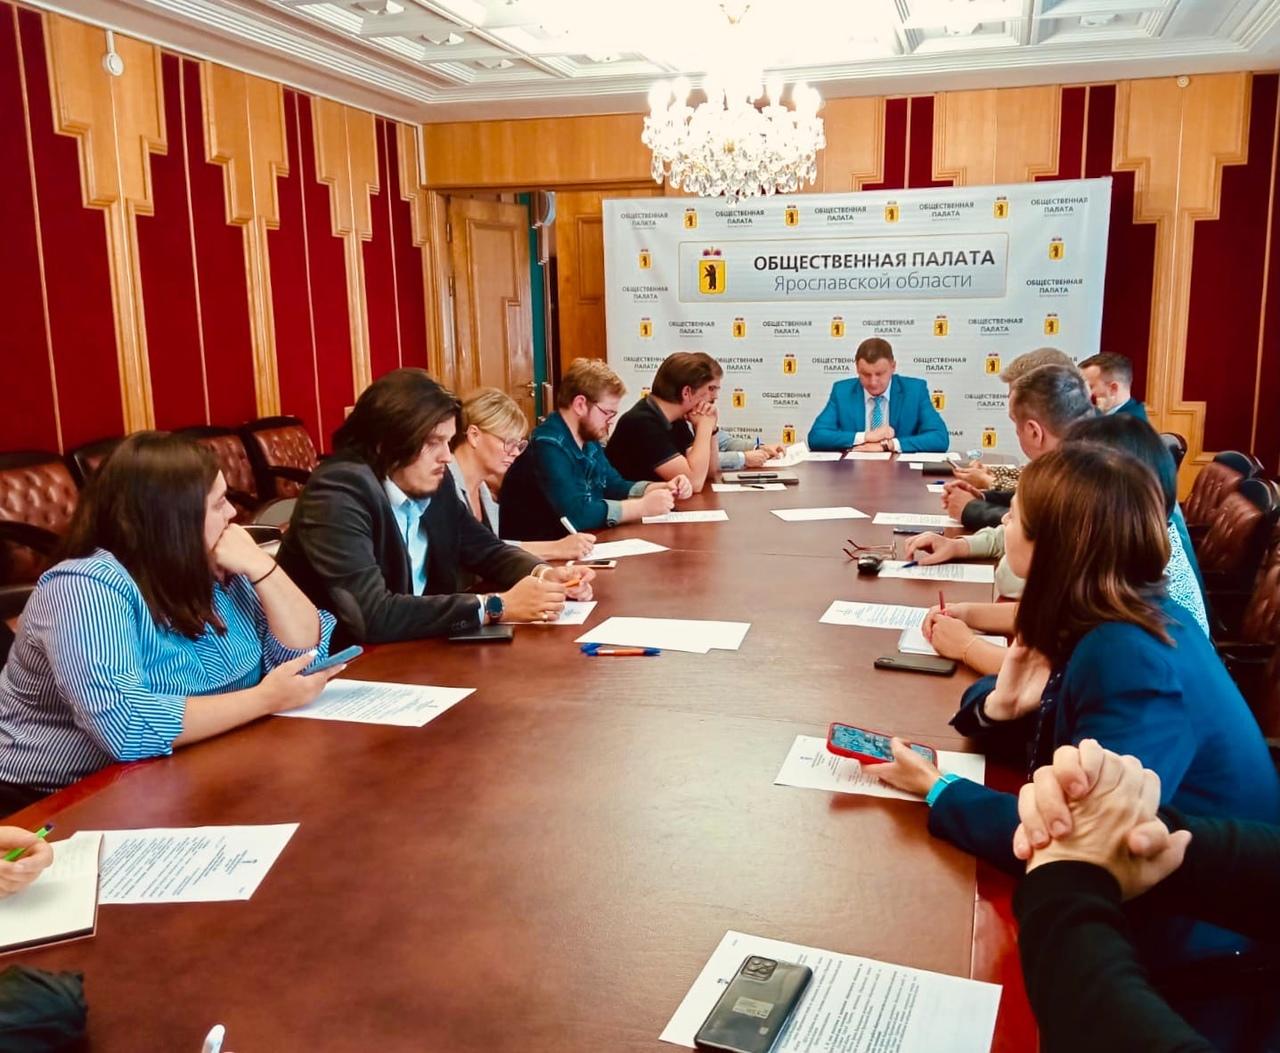 Эксперт: свобода слова в России остается непременным условием ведения избирательной кампании